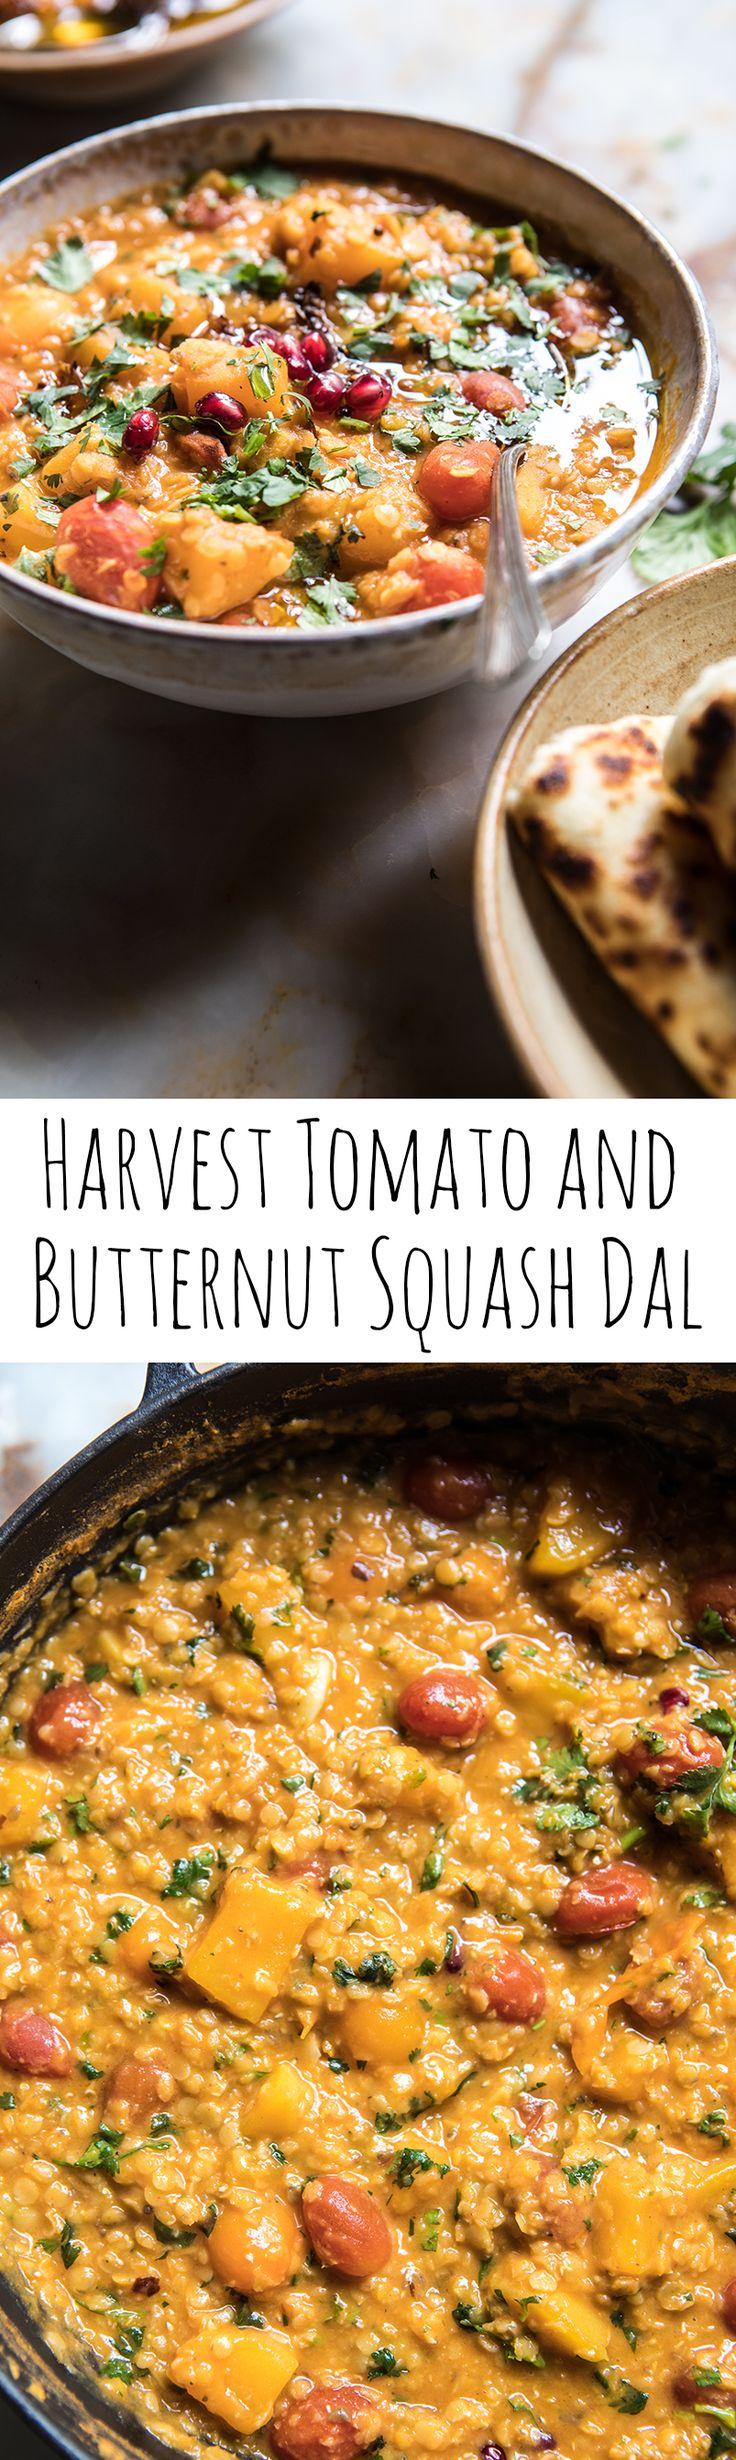 Harvest Tomato and Butternut Squash Dal | halfbakedharvest.com @hbharvest